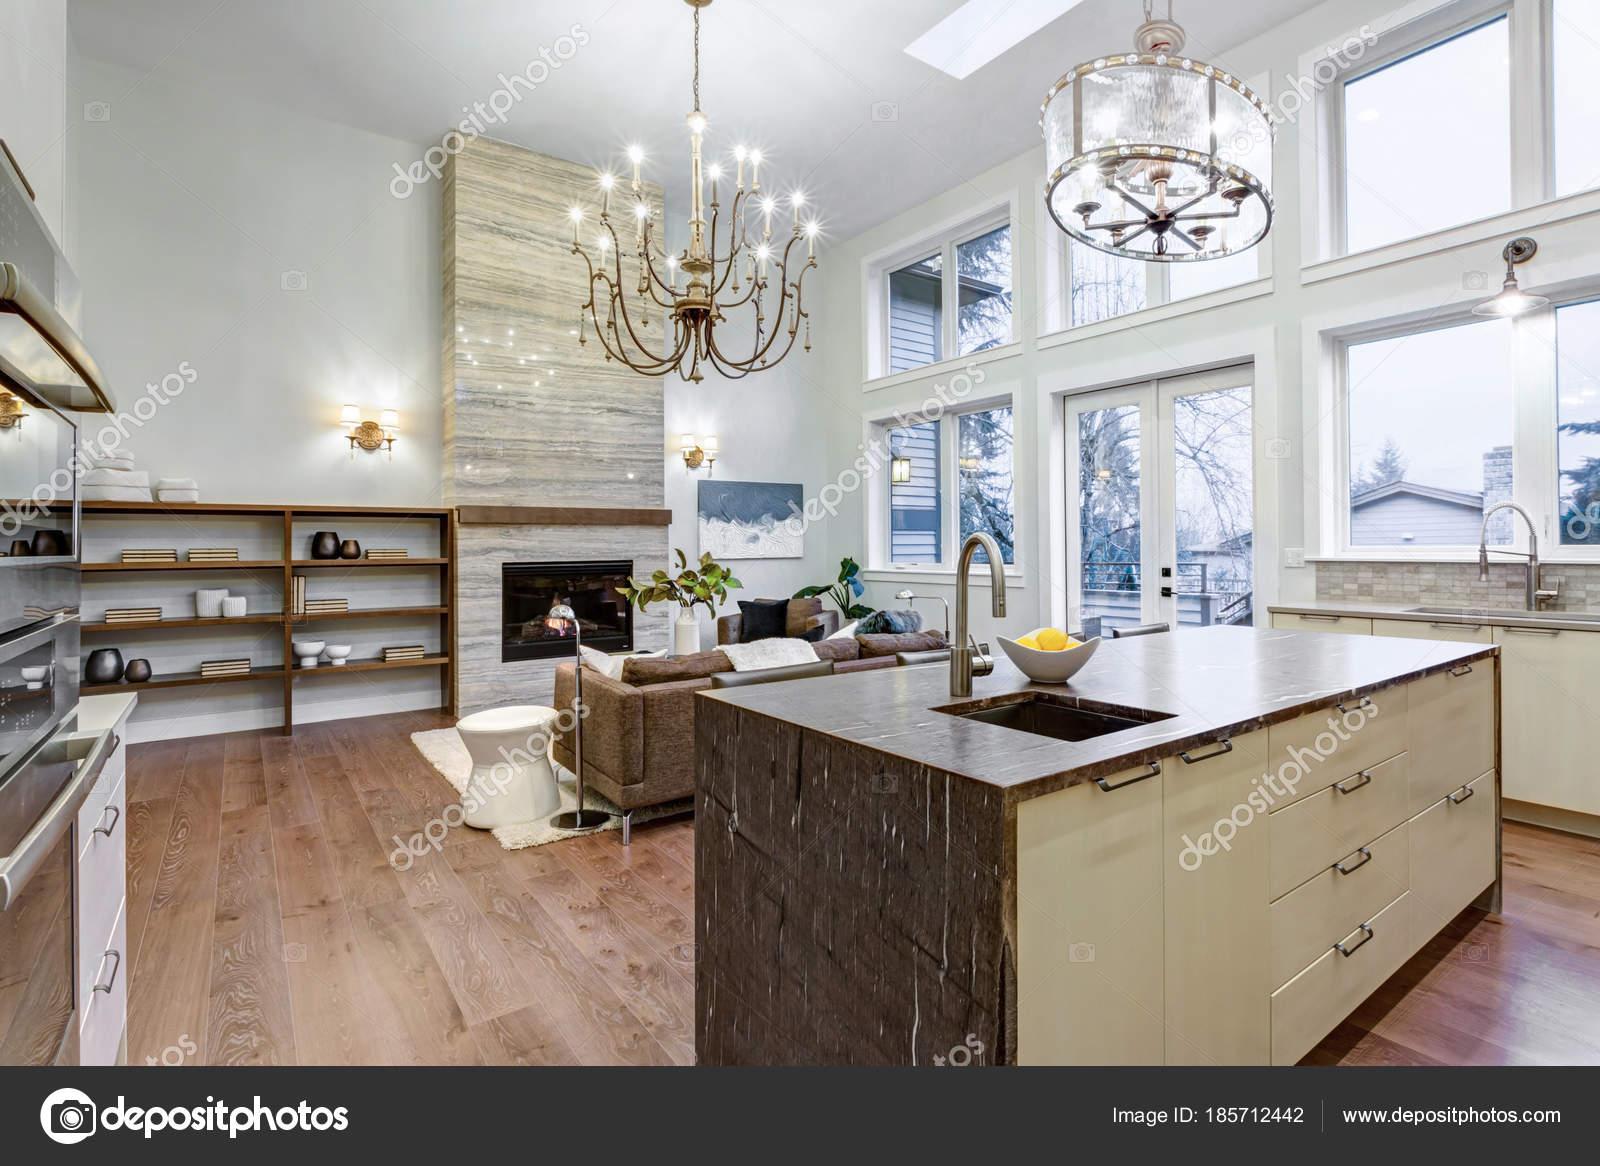 Lichte Luchtige Woonkamer : Ongelooflijk licht en luchtige woonkamer met hoog plafond in een